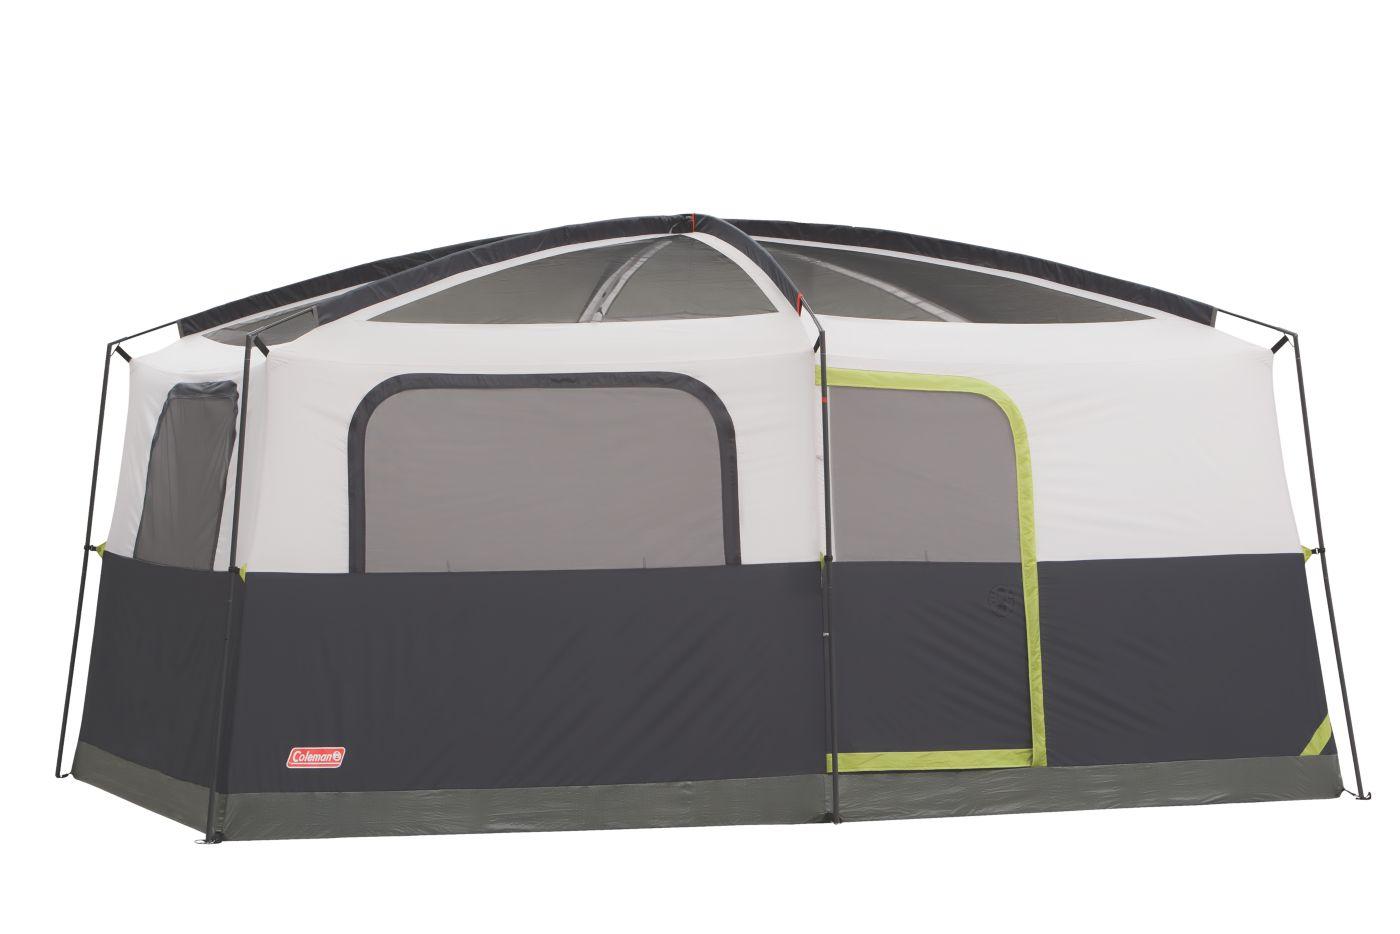 ... Signature Prairie Breeze™ 9-Person Tent ...  sc 1 st  Coleman & Tent for Camping | Coleman Tent | Coleman